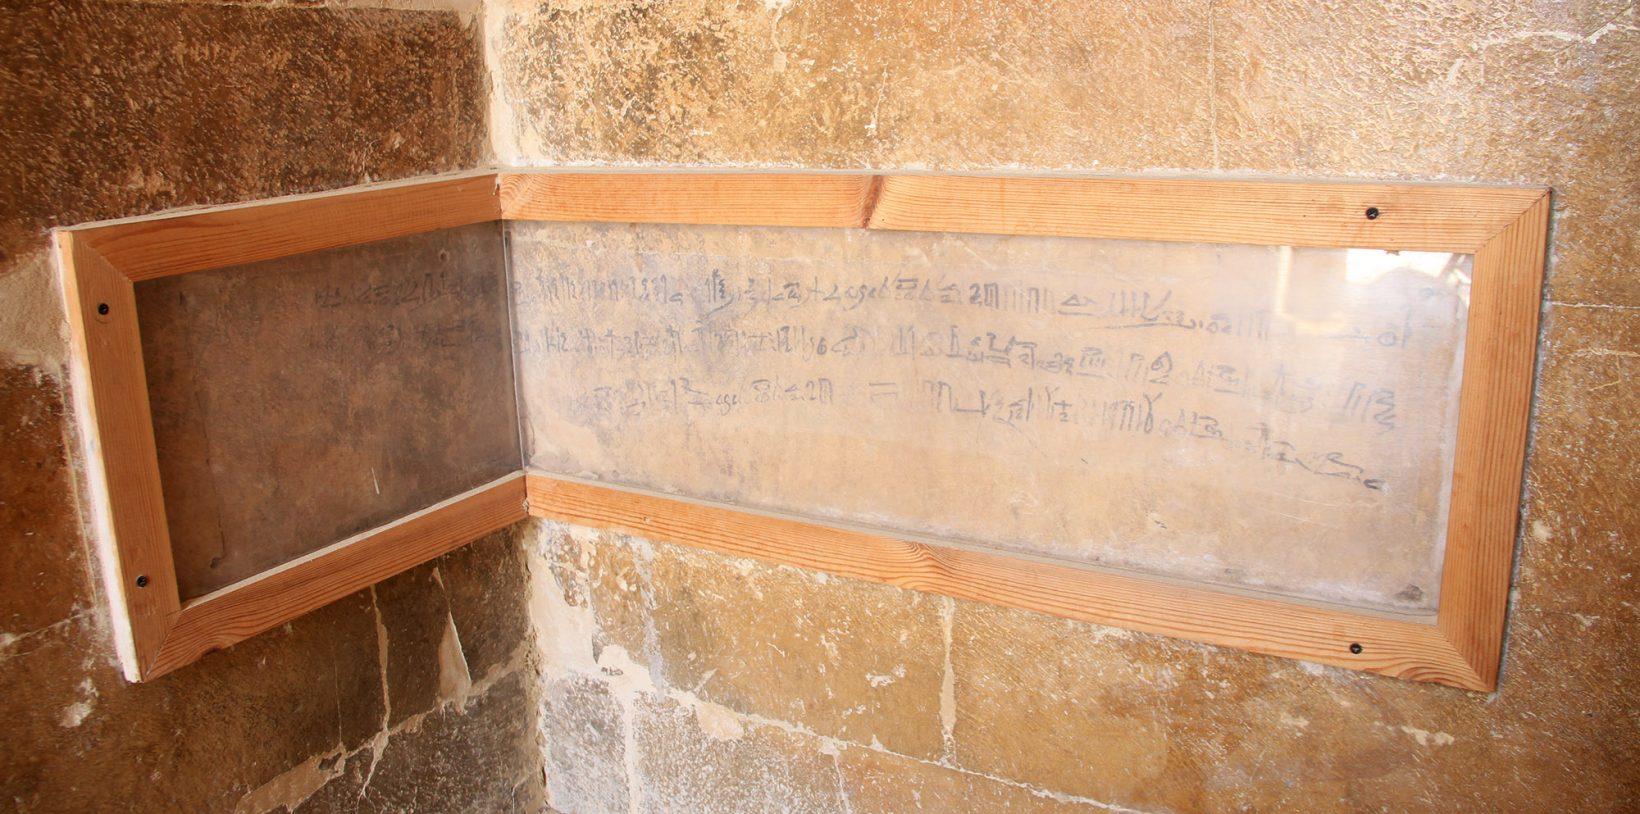 Иератическая надпись вЮжном доме, где упоминается Джосер